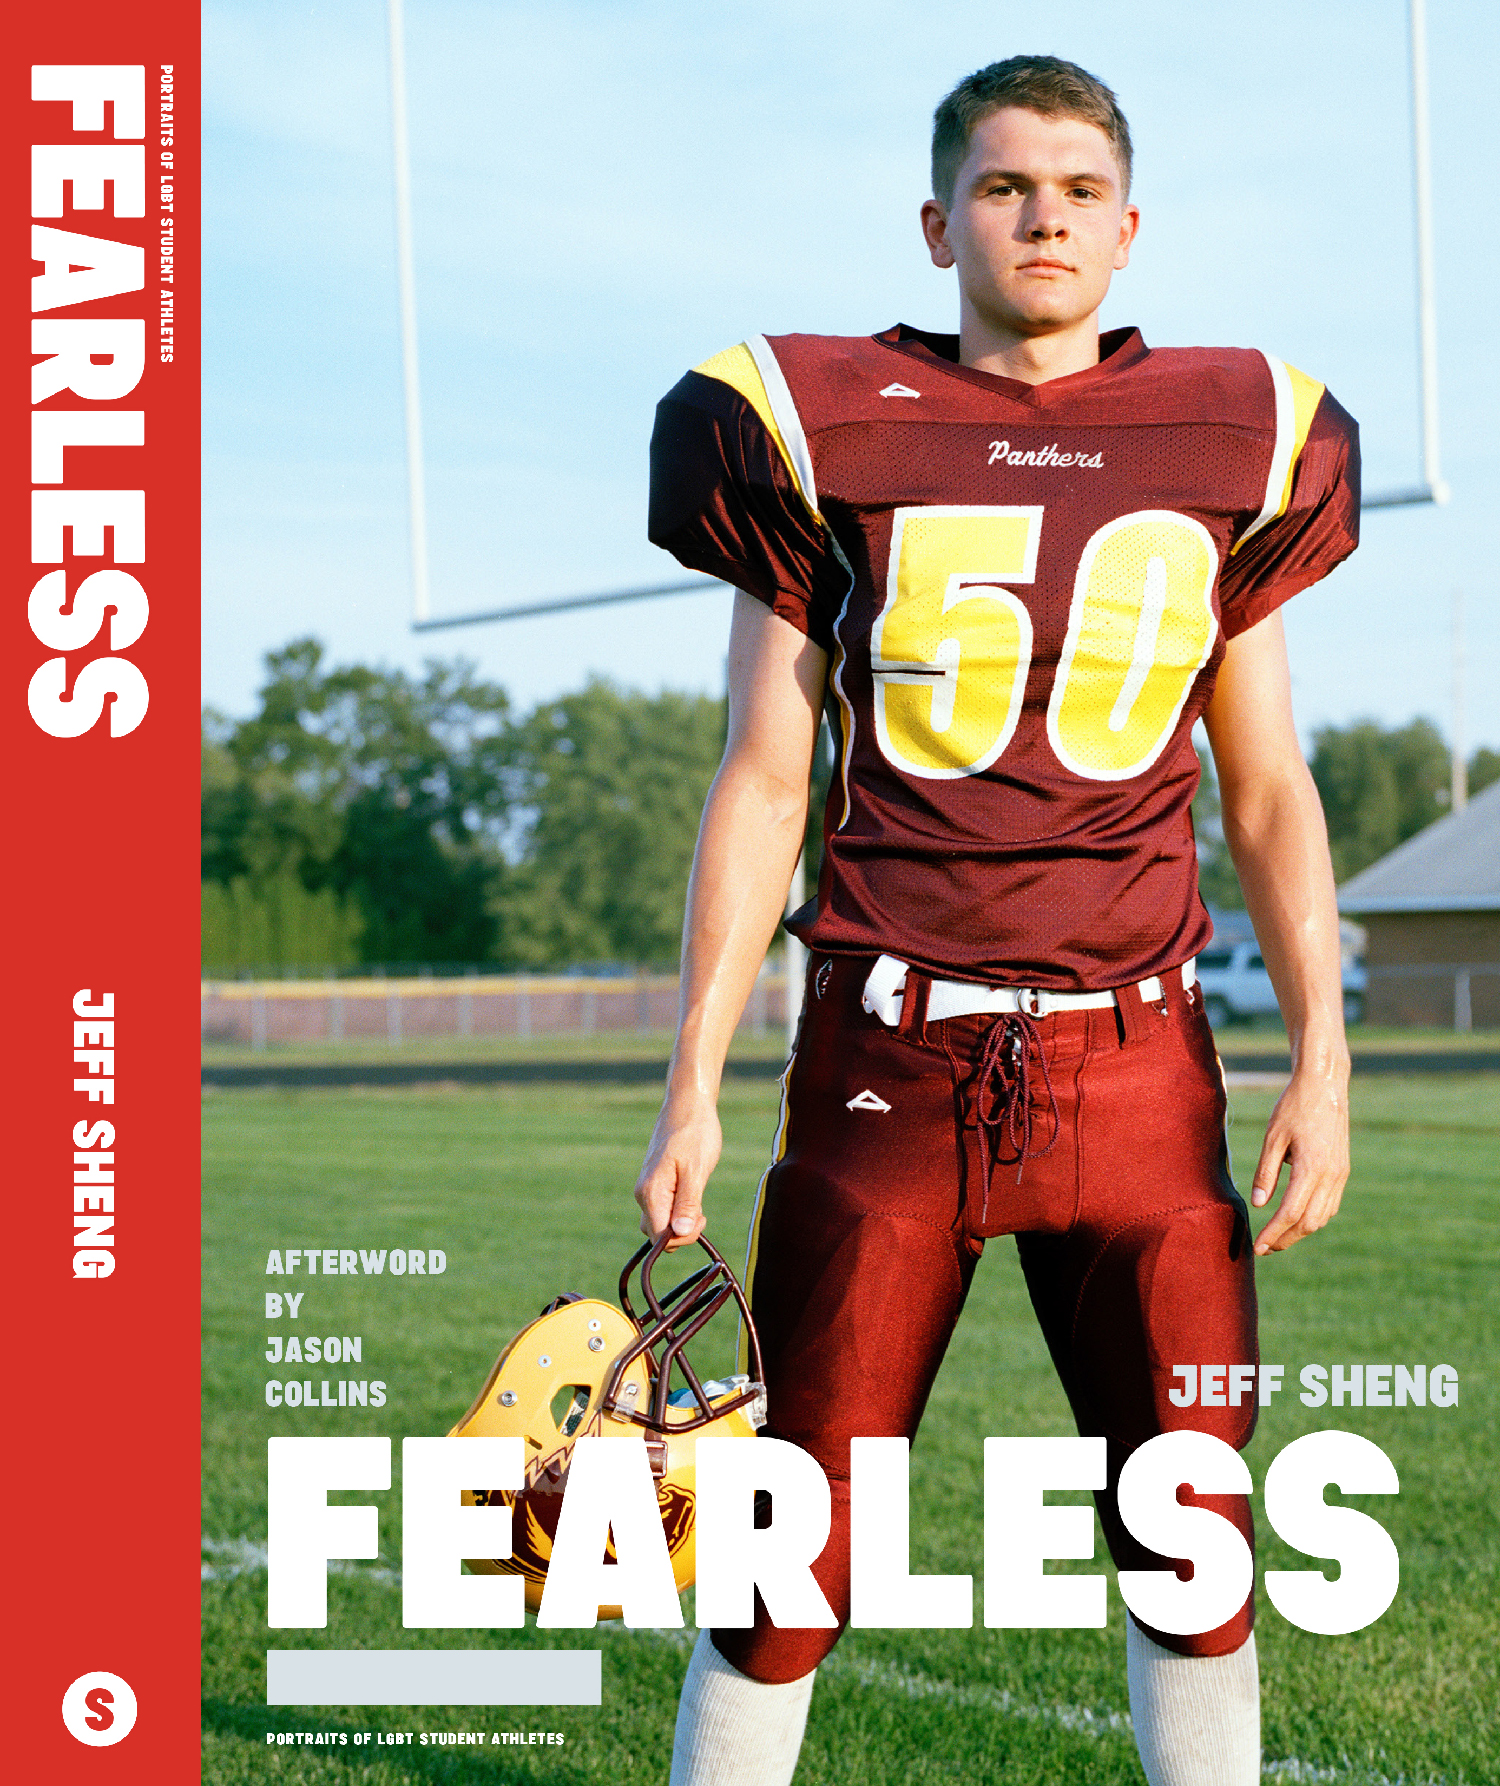 Fearless_Covers_crop.pdf-1-web-1500.jpg